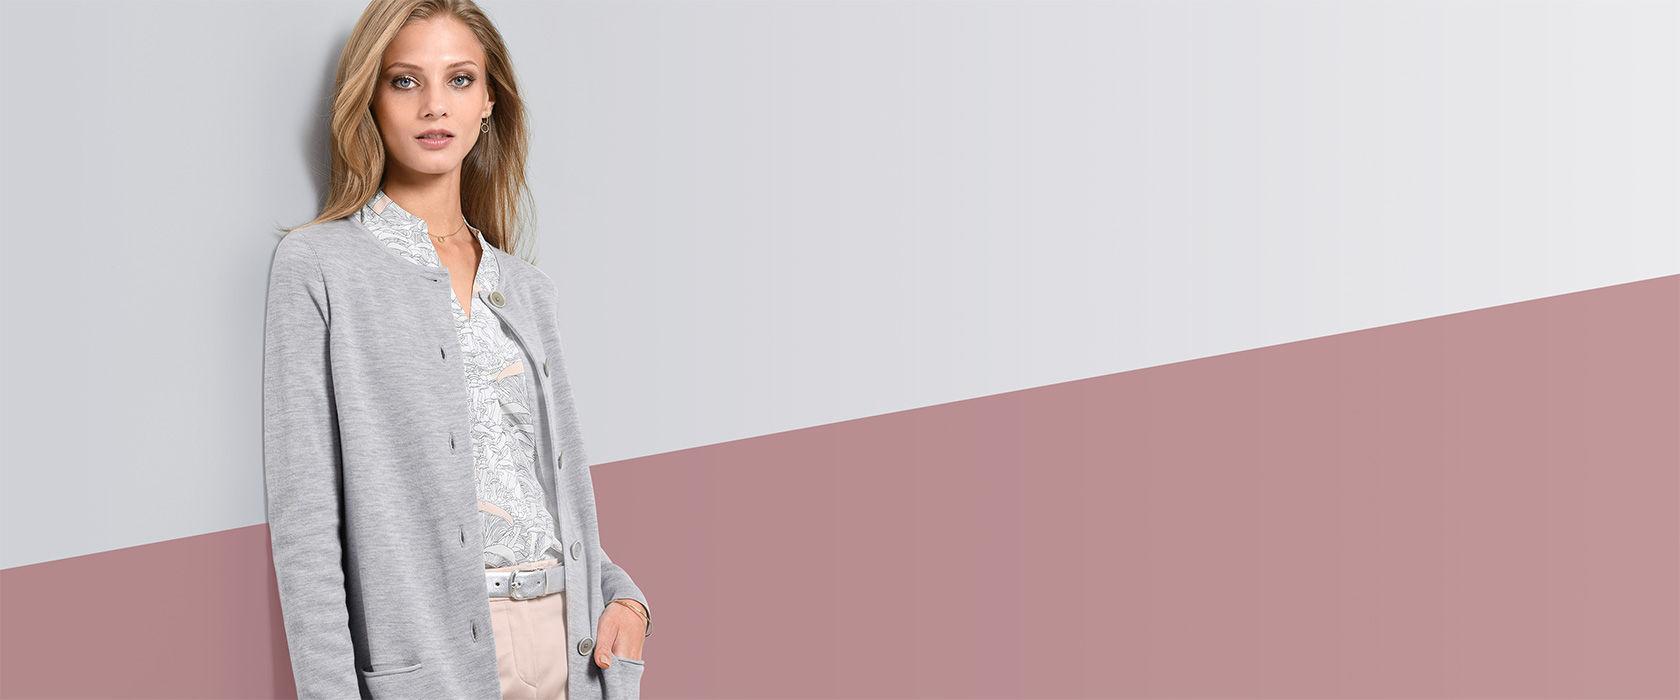 c1e44184df6 Mode et marques vêtements - Shopping dans la boutique en ligne Peter ...